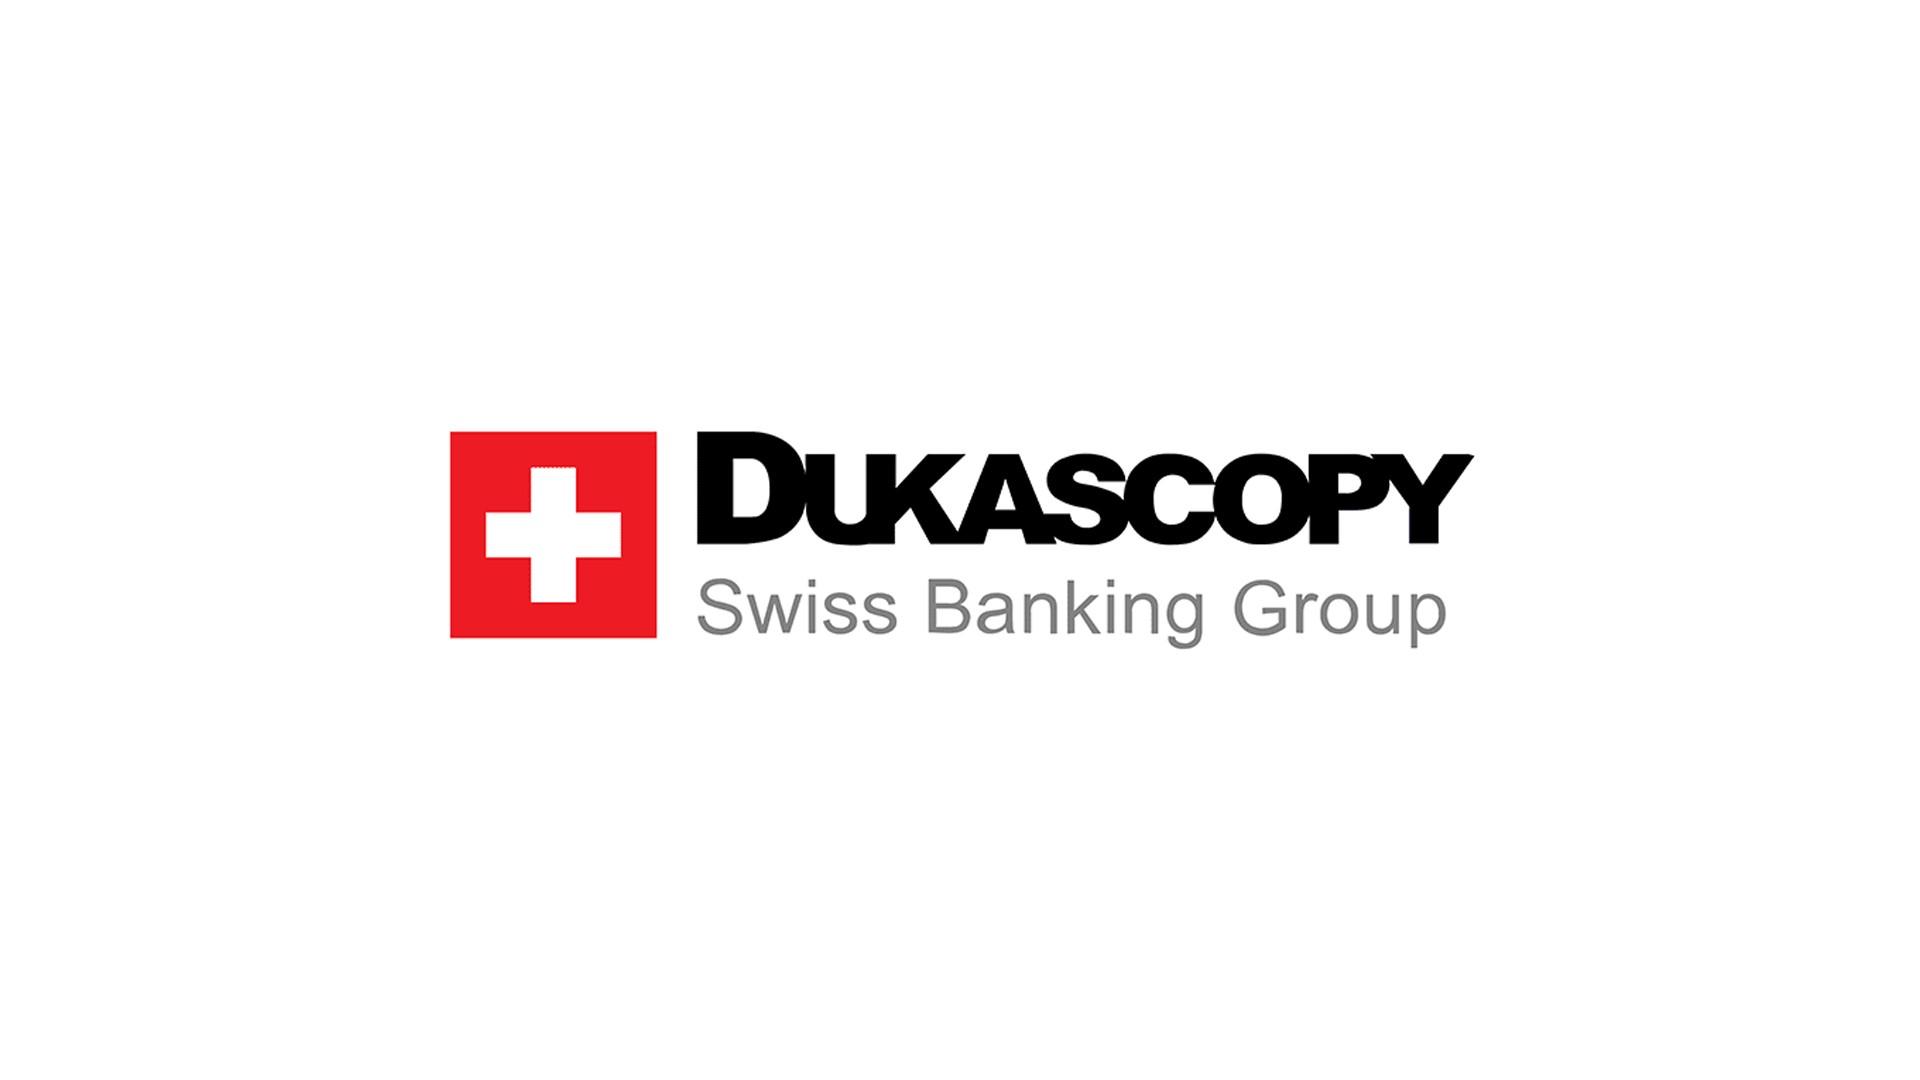 Швейцарское качество в деле: обзор работы компании Dukascopy и отзывы трейдеров